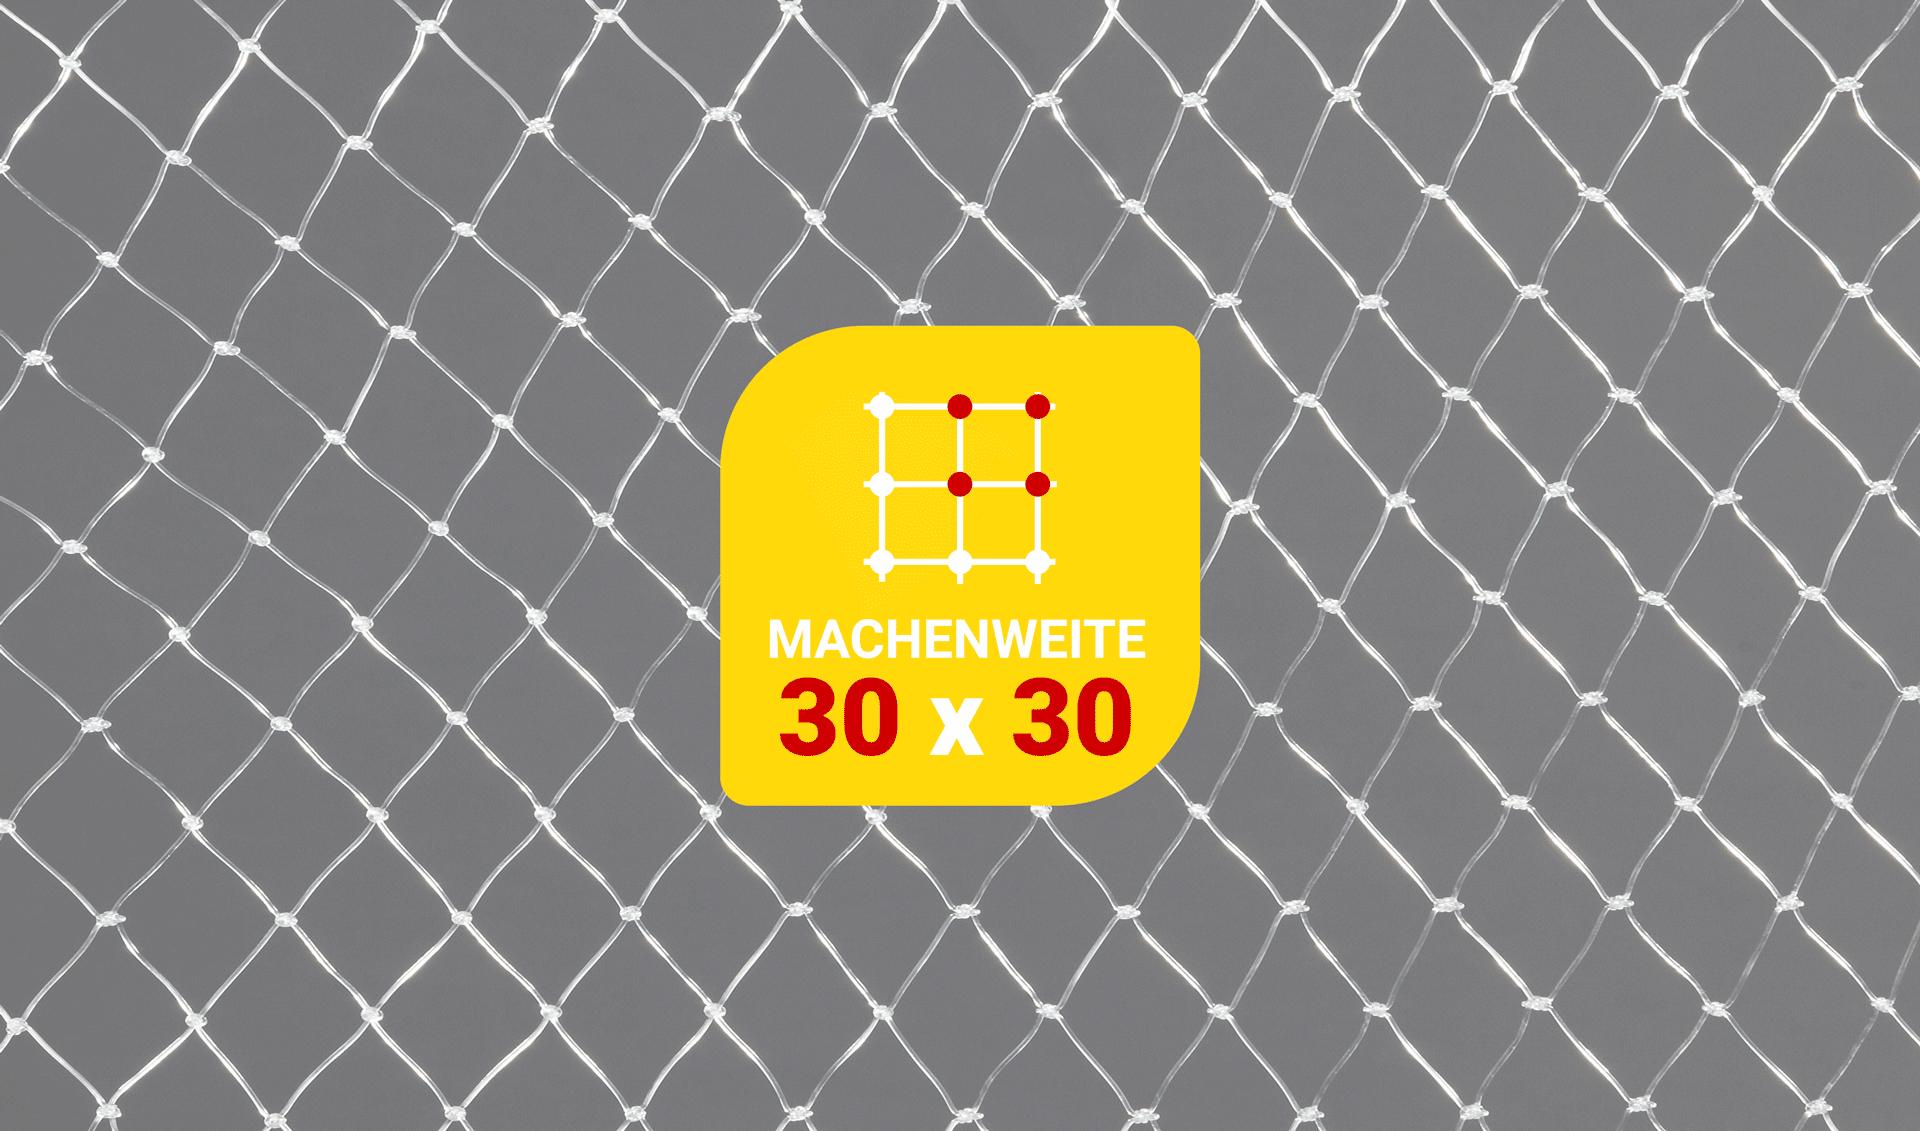 TAN Nylon-Monofilnetz milchig-transparent Maschenweite 30x30 mm, Garnstärke 0.6 mm